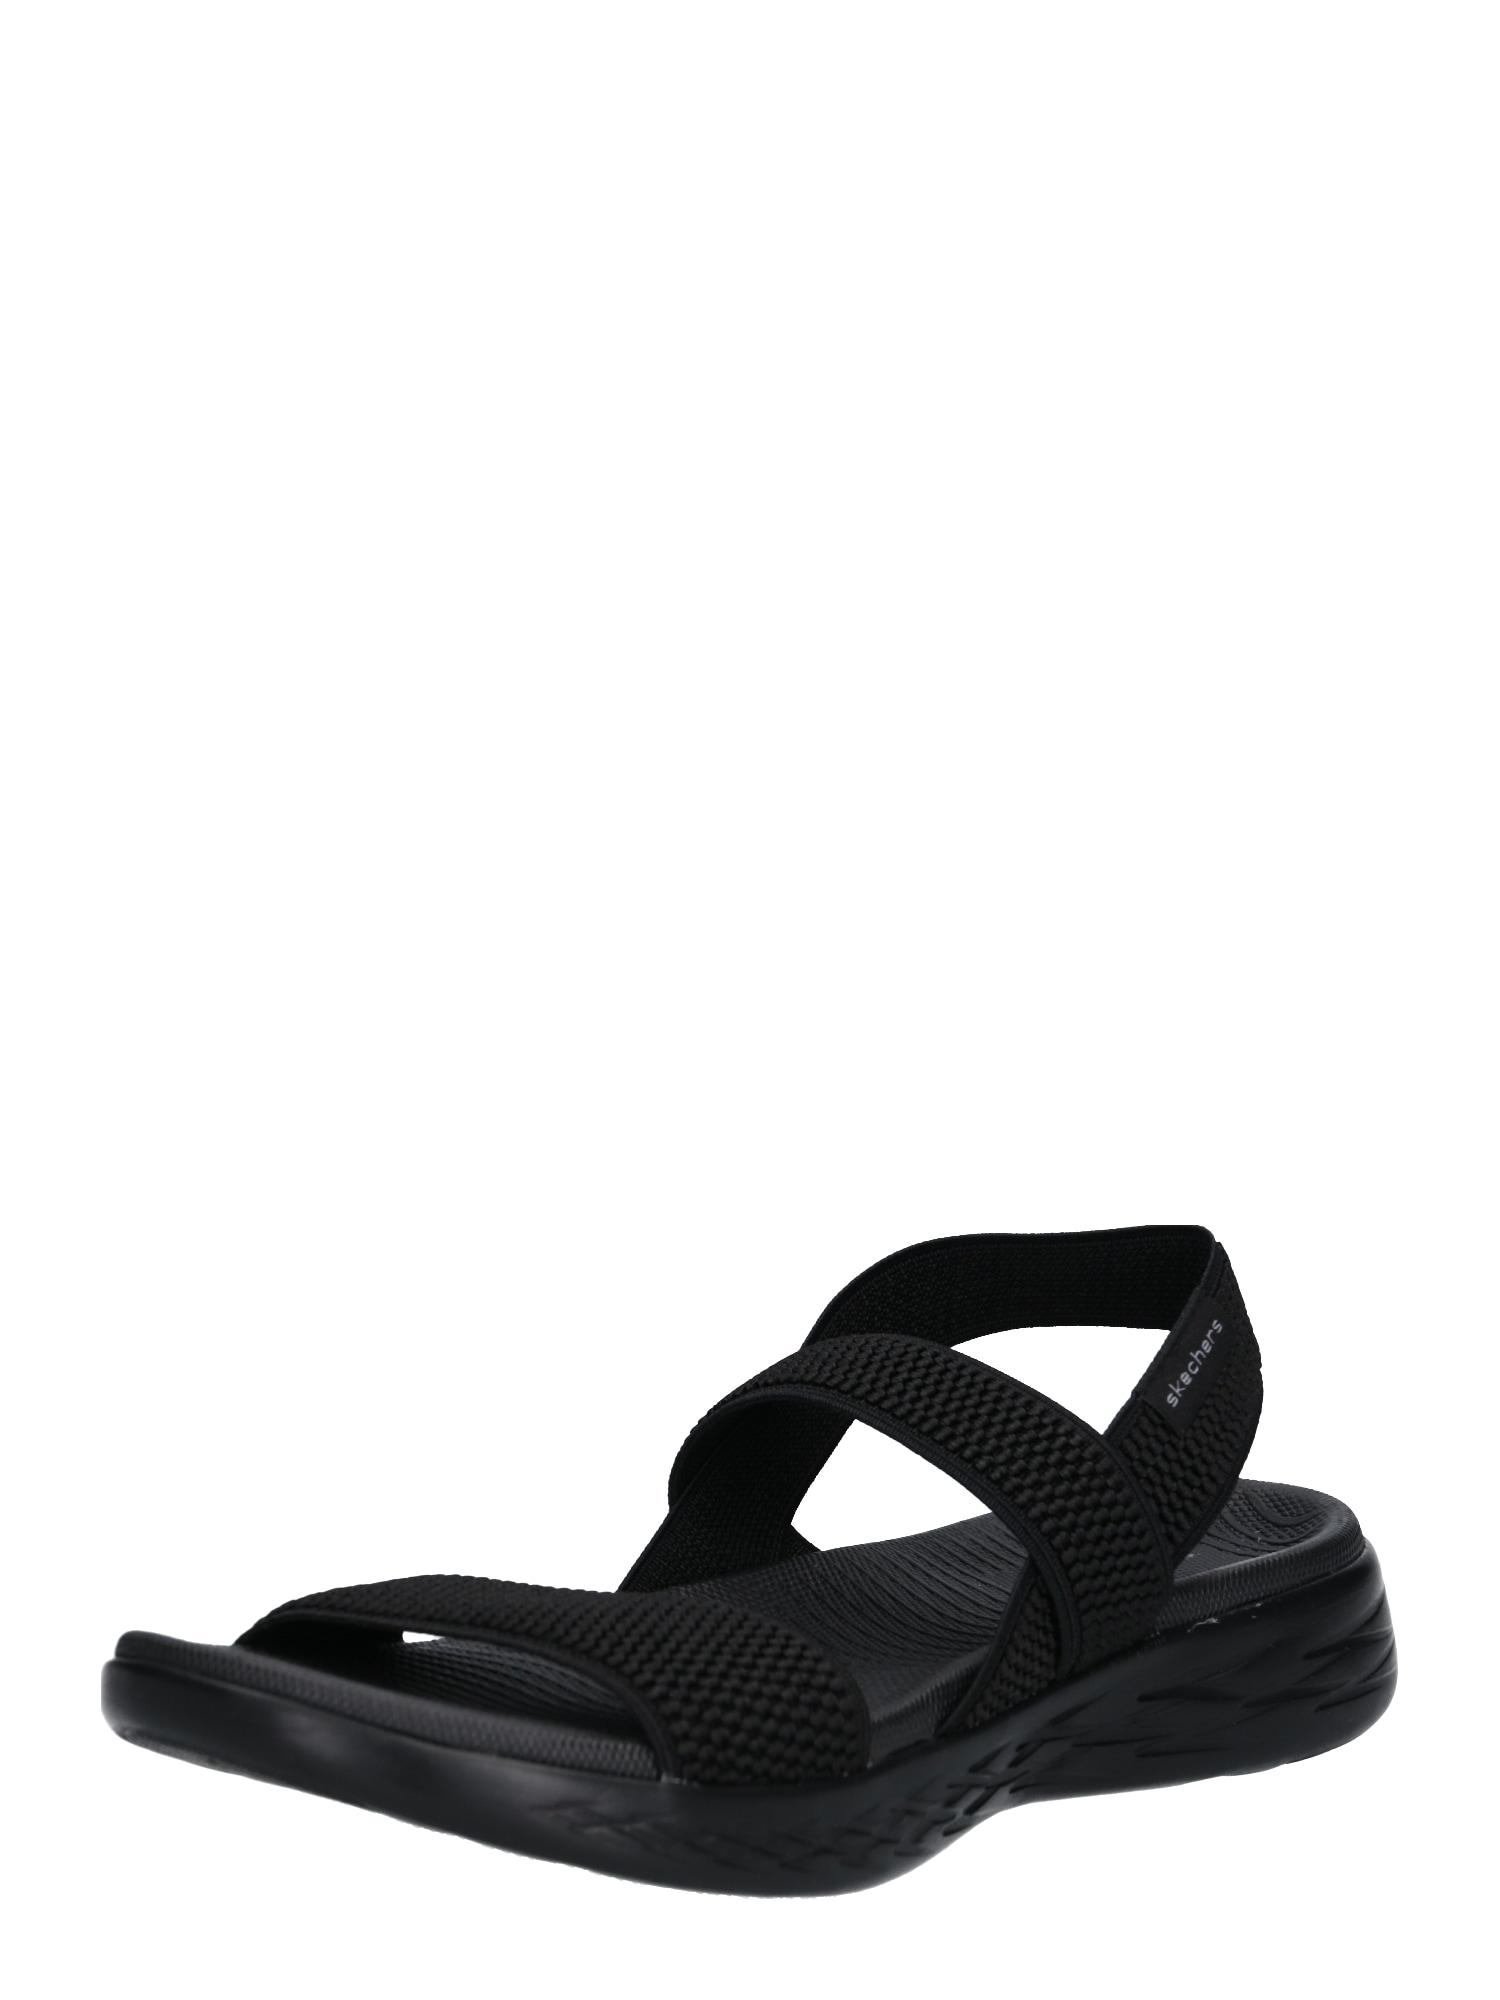 Páskové sandály ON-THE-GO 600 - FLAWLESS černá SKECHERS